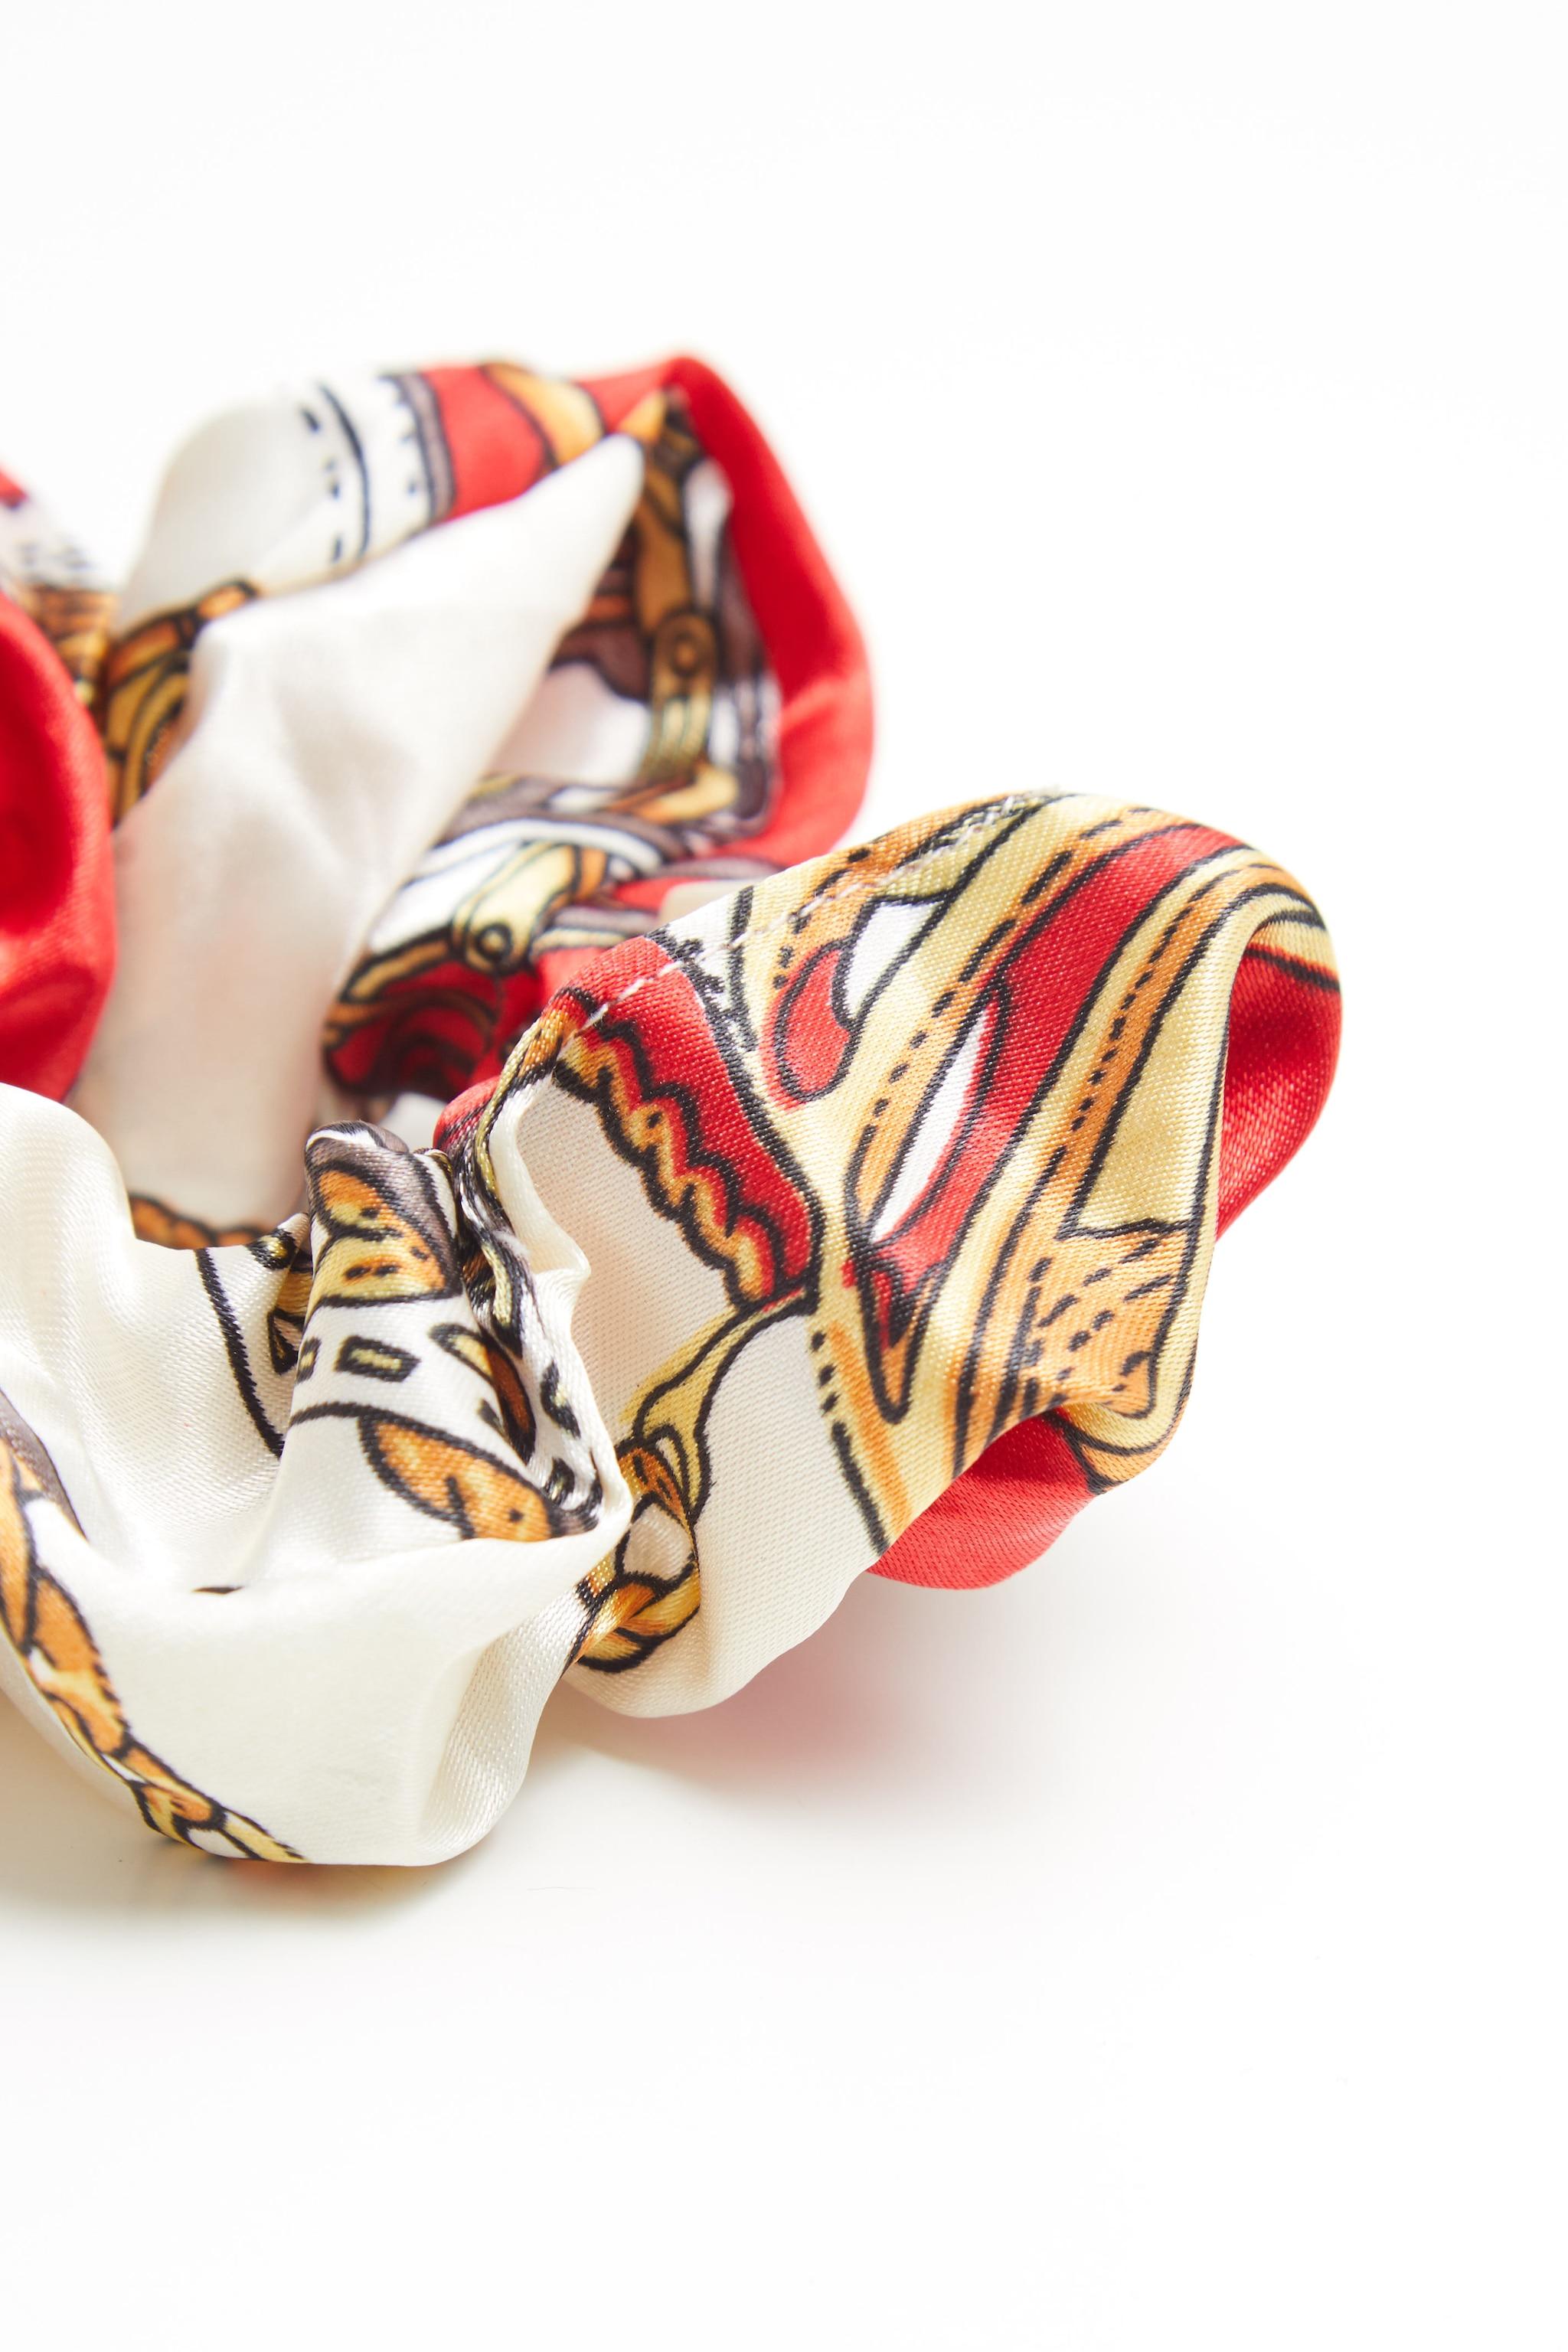 Chouchou satiné à imprimé foulard rouge 2